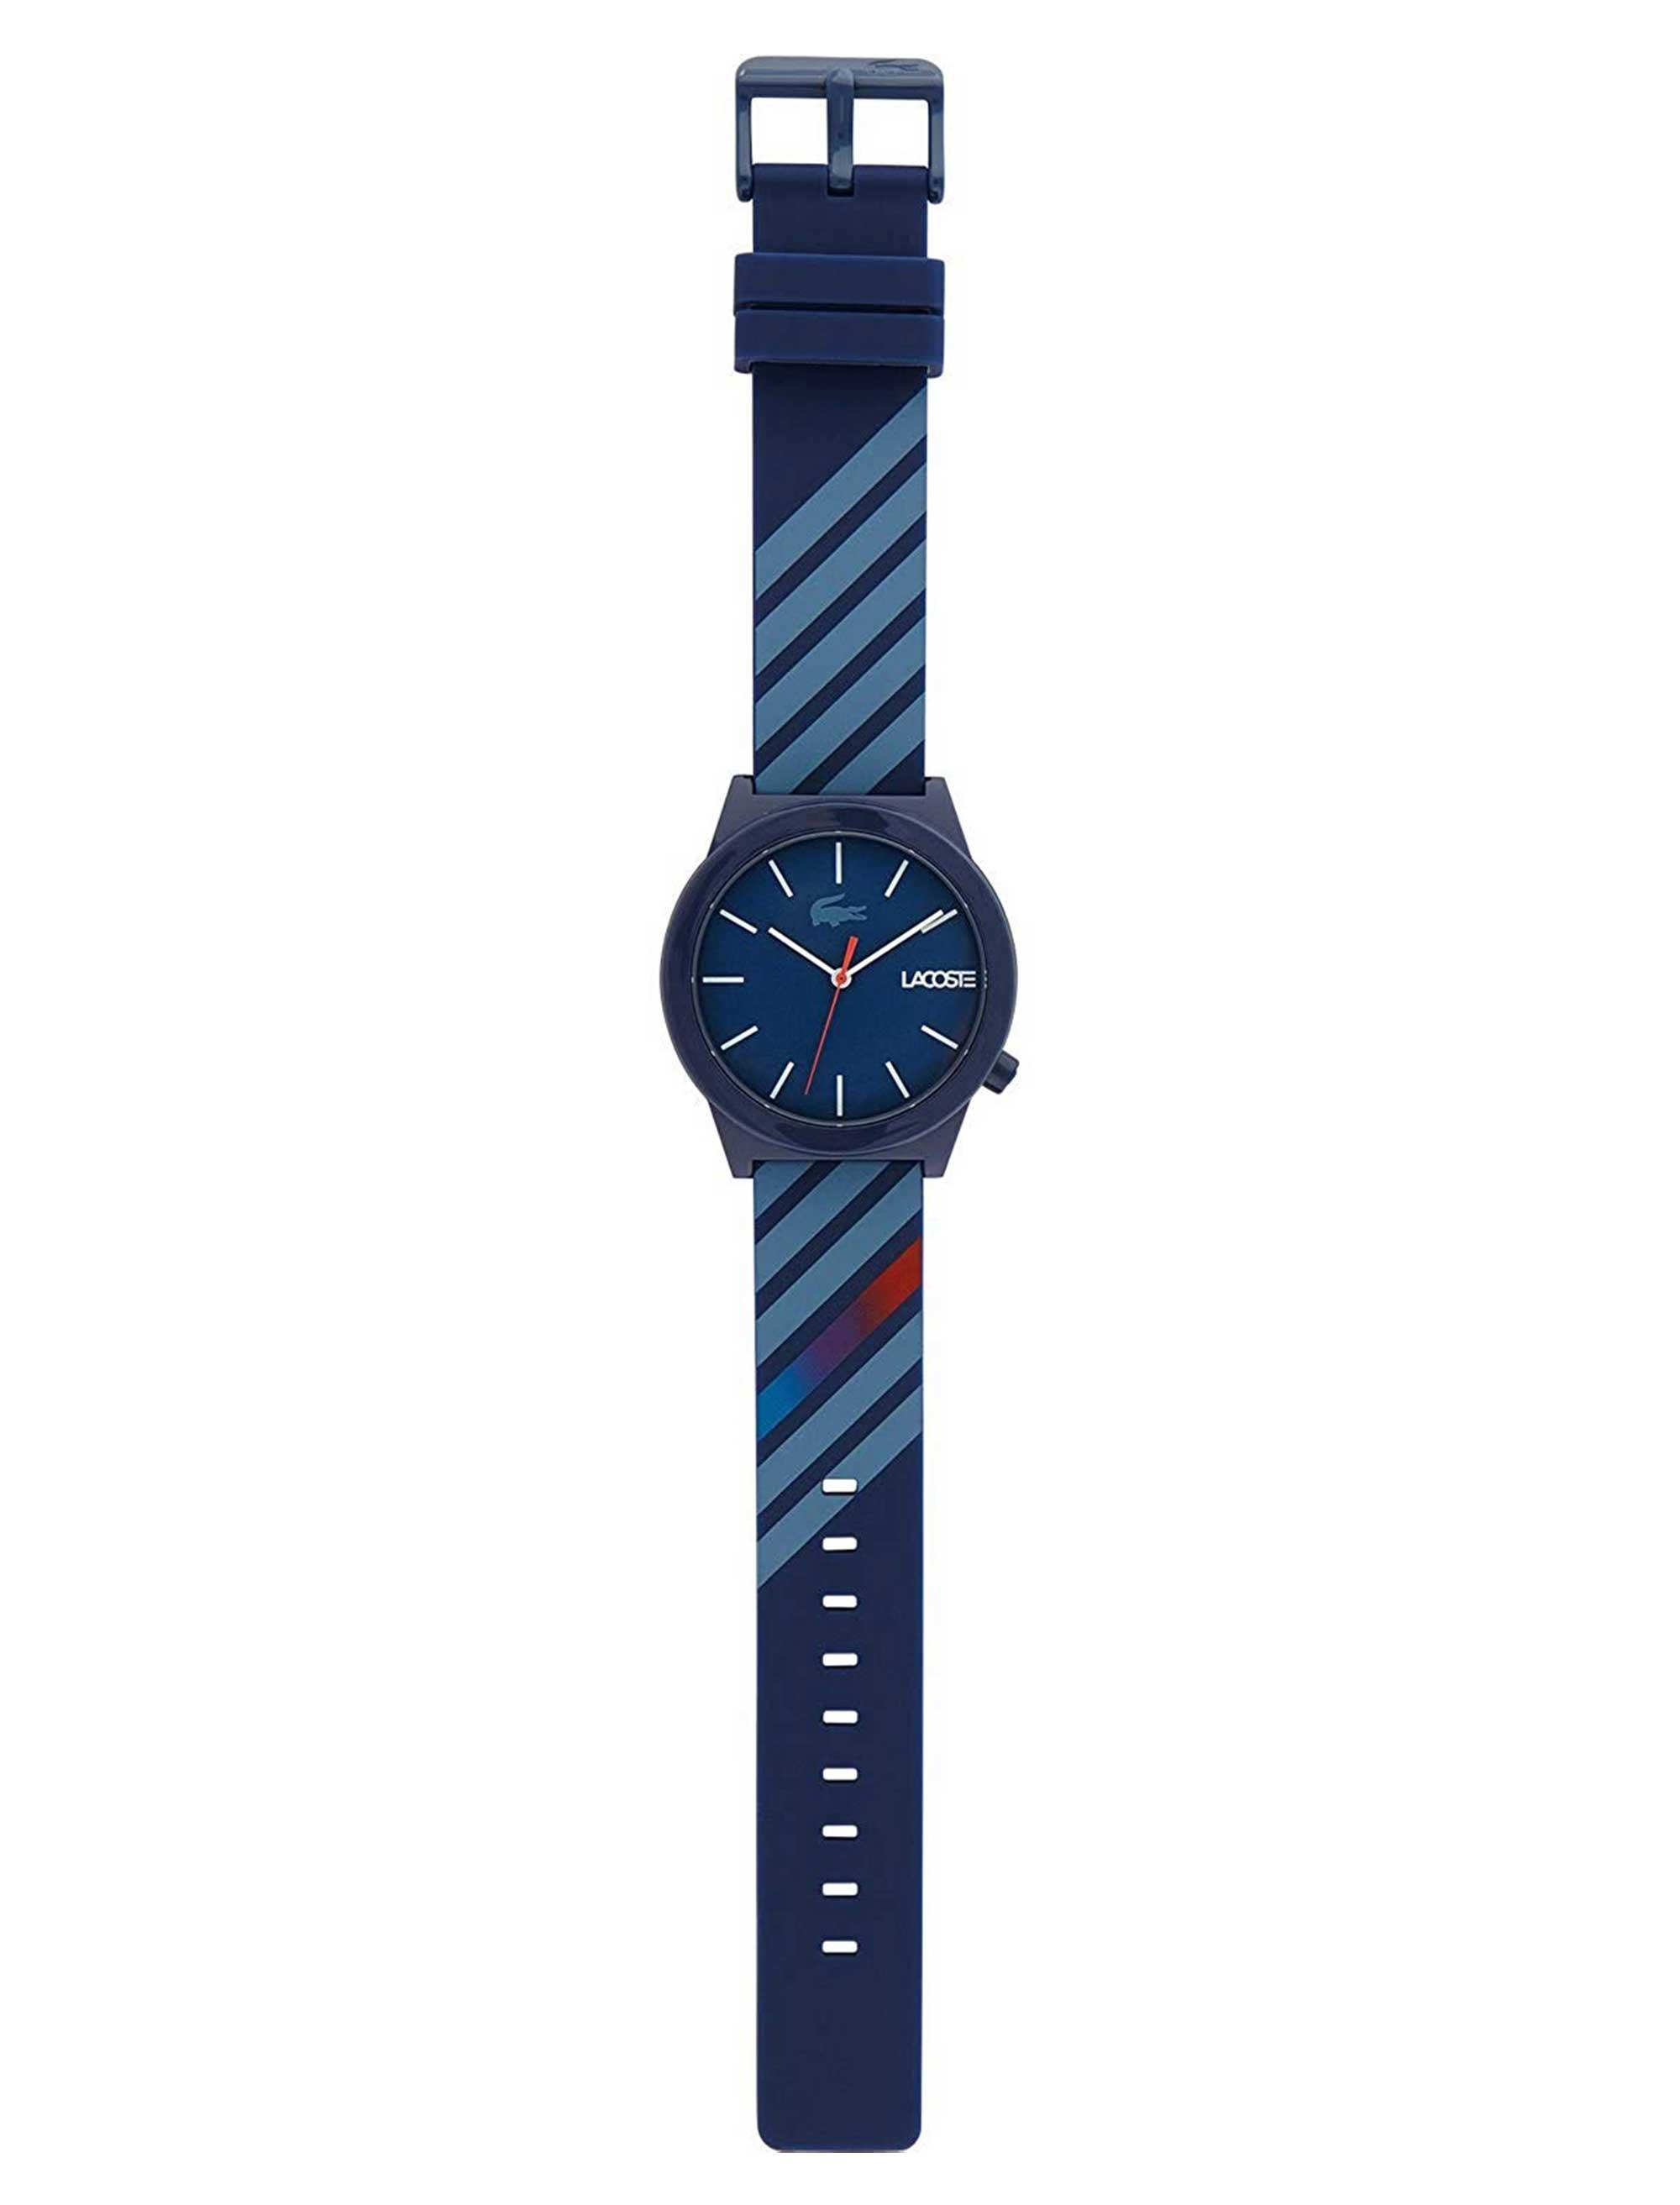 ساعت مچی عقربه ای مردانه لاگوست مدل 2010934